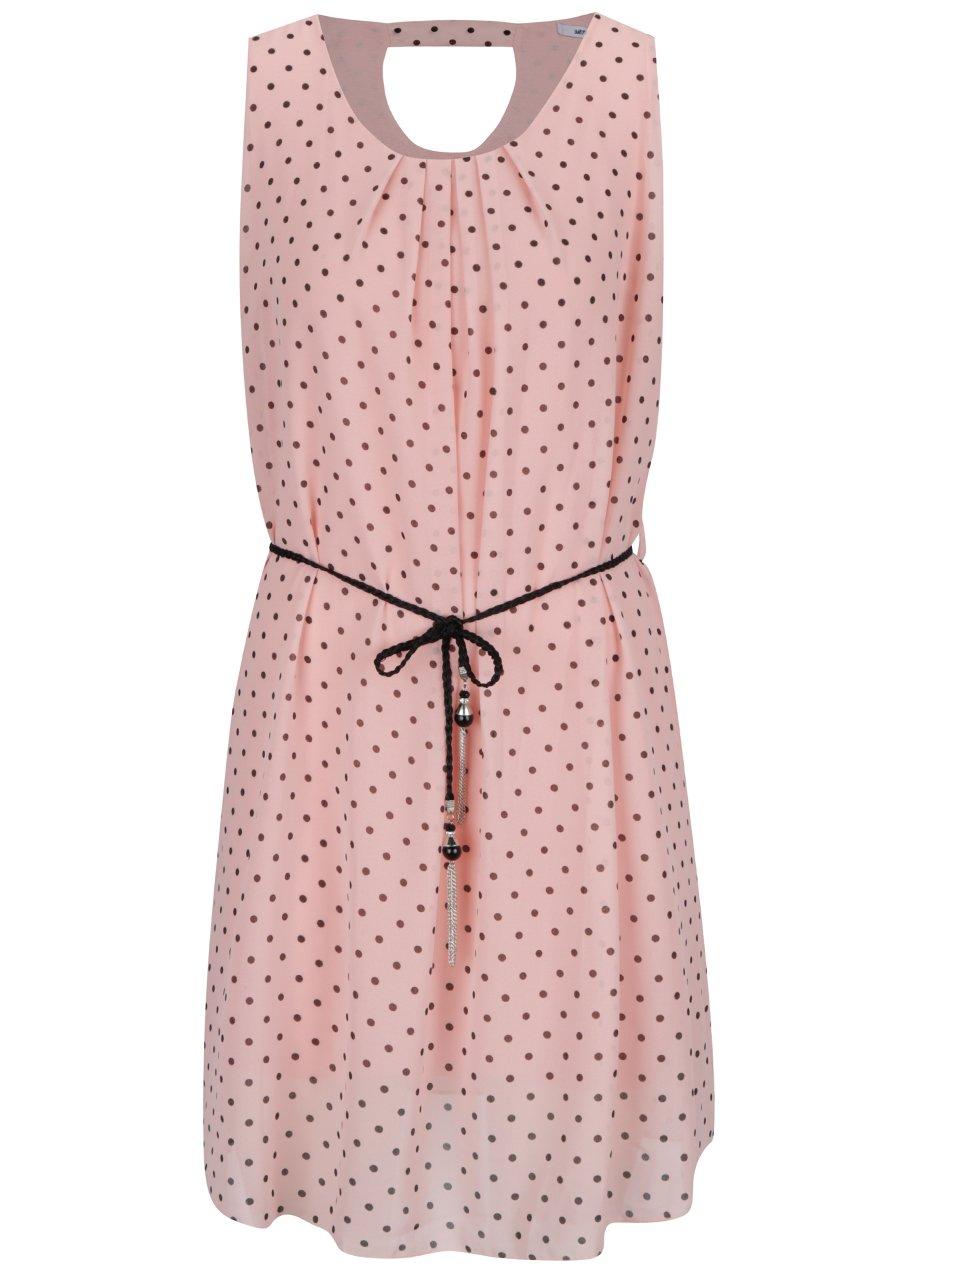 Růžové puntíkované šaty Haily's Lotta